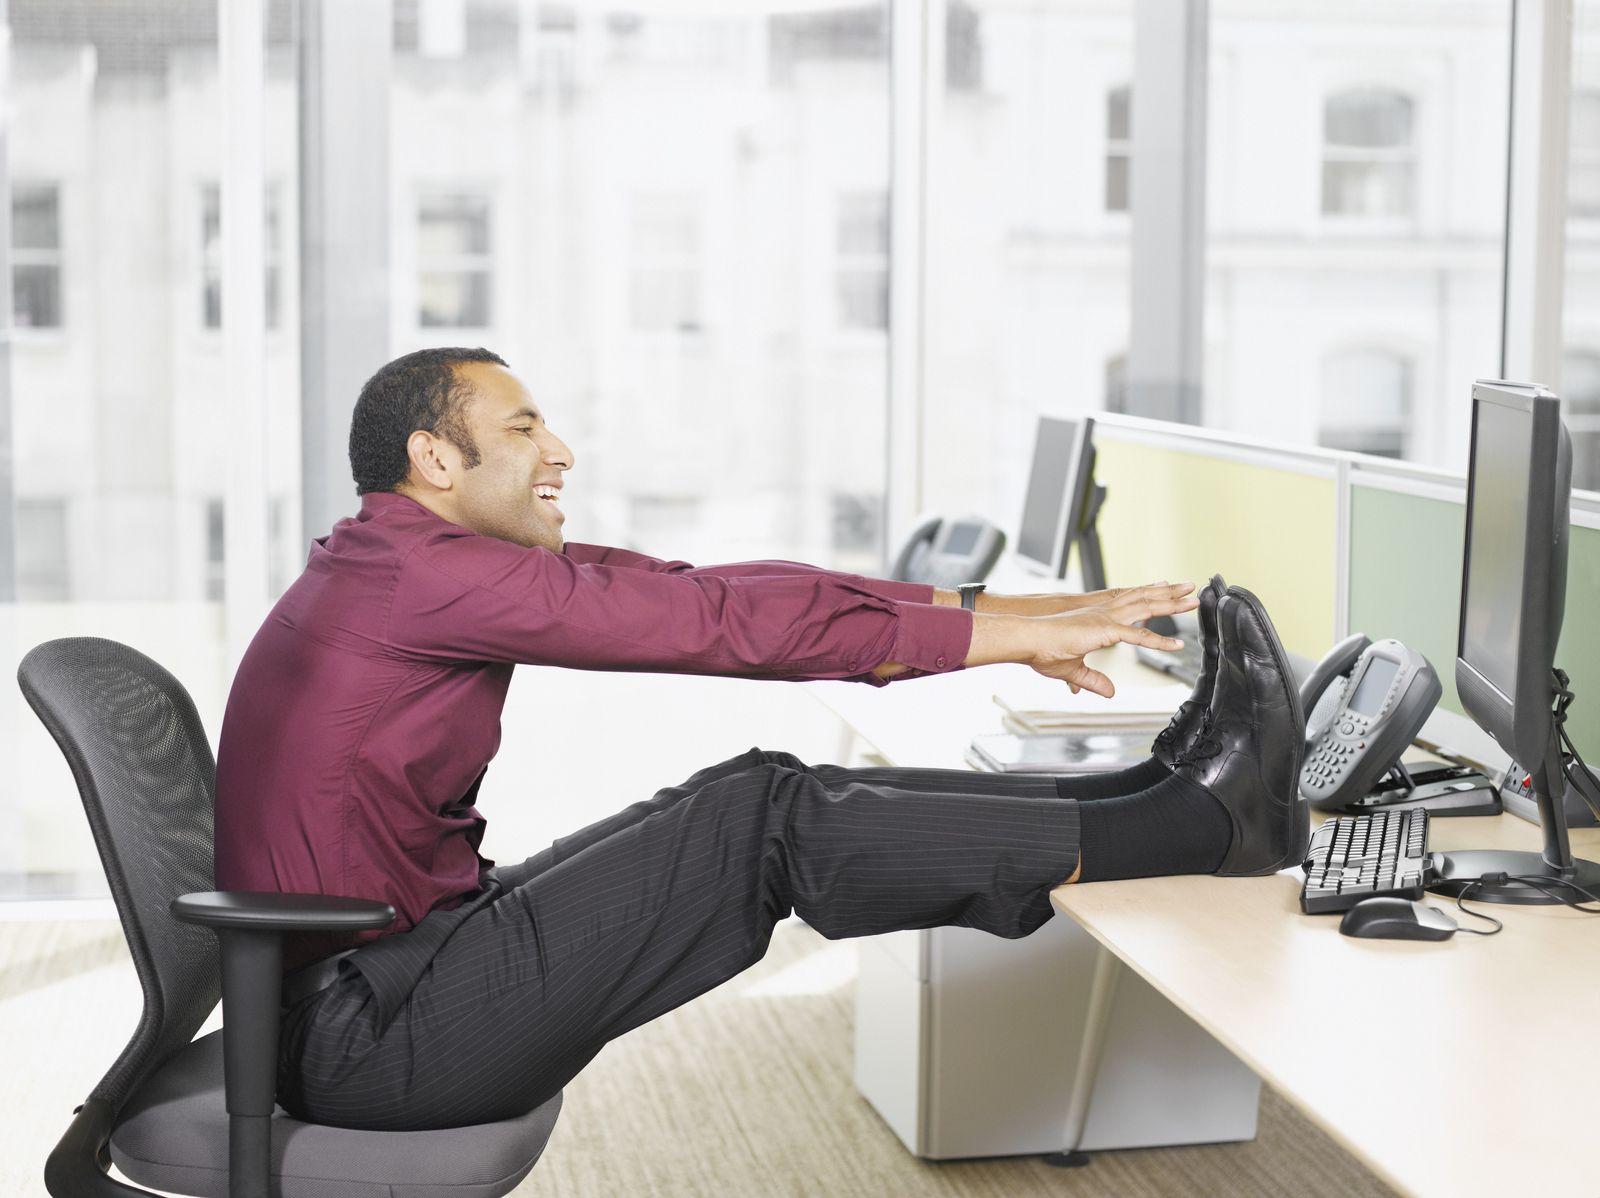 NICHT MEHR VERWENDEN! - Stretchen / Büro